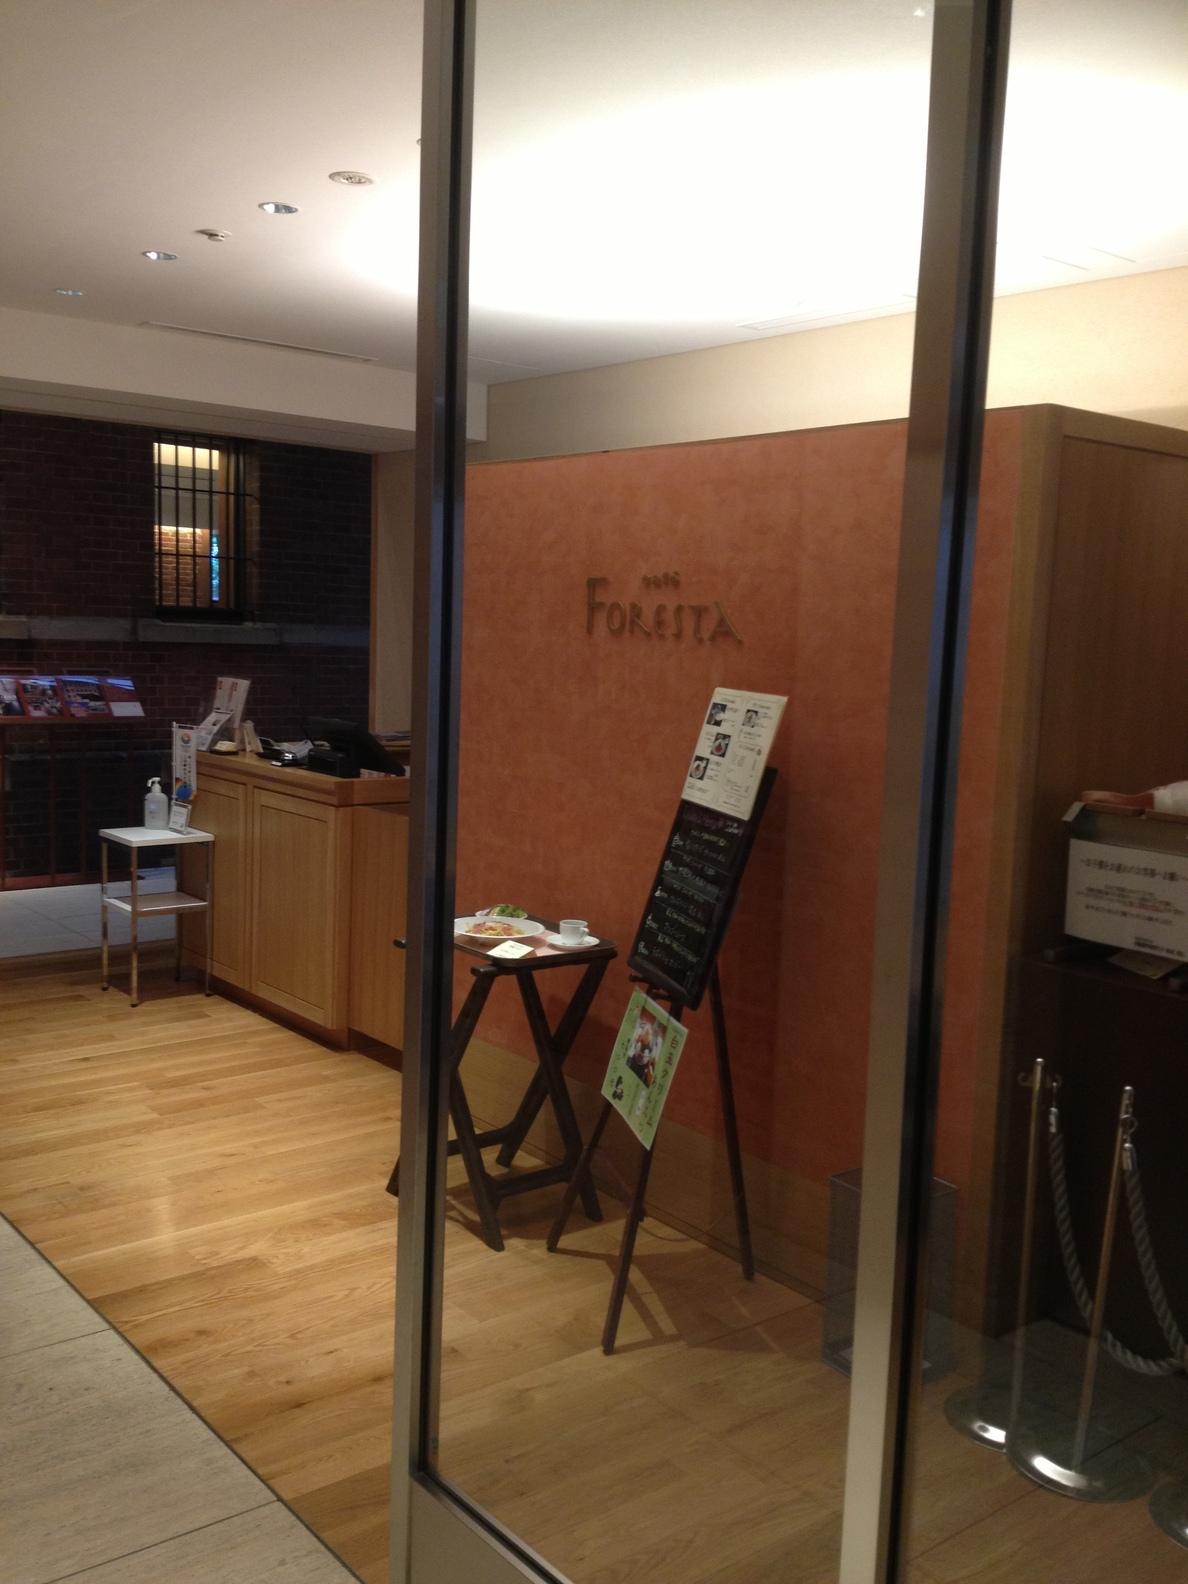 フォレスタ 東京大学 伊藤国際学術研究センター内レストラン